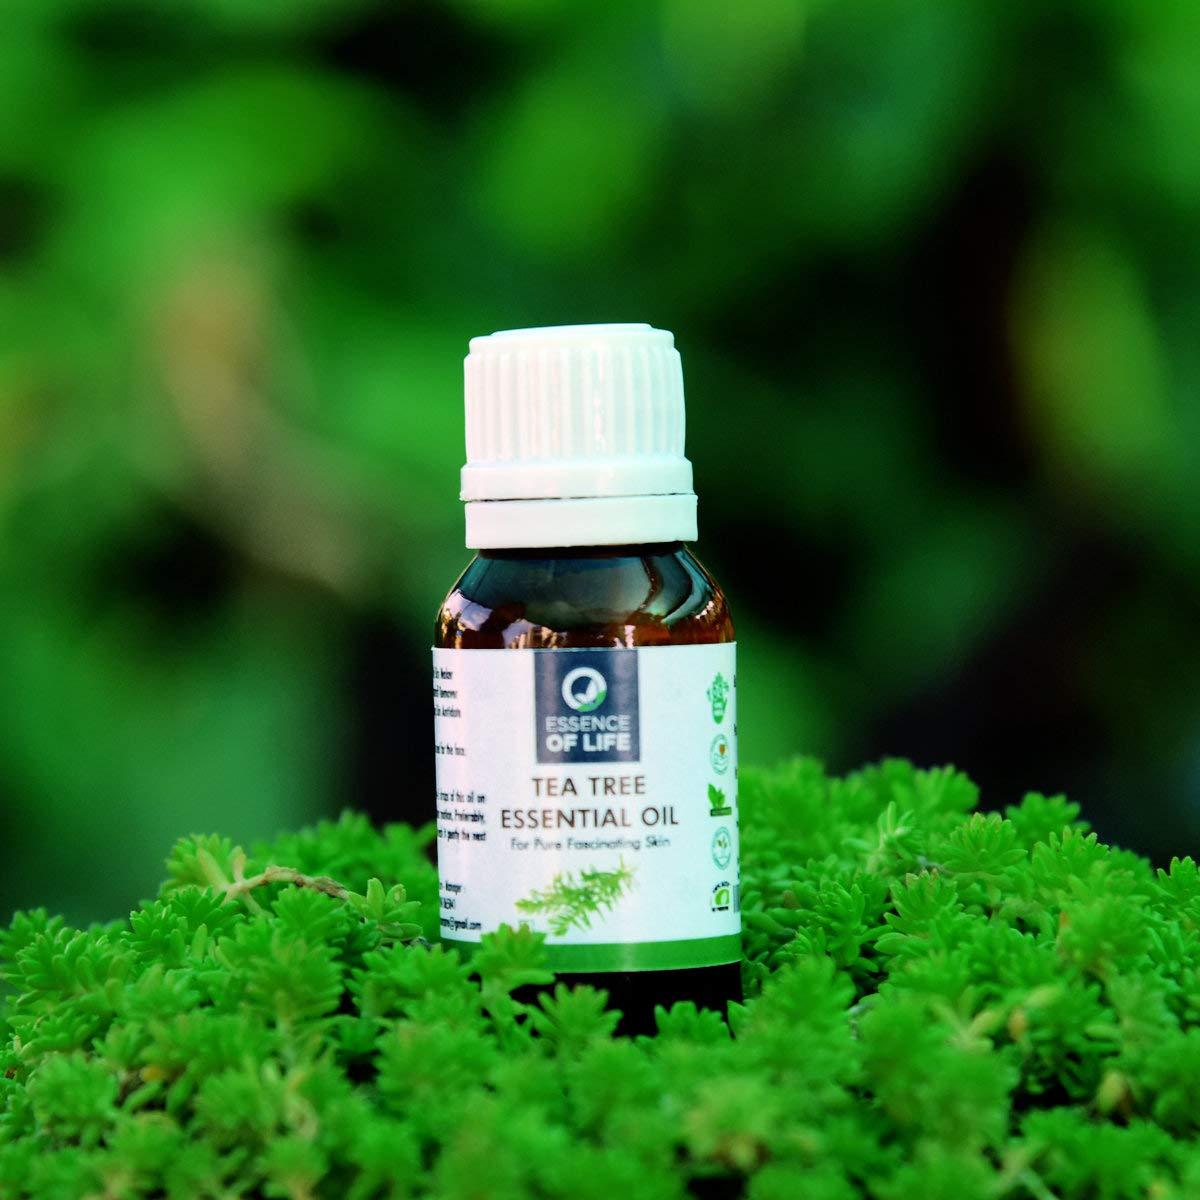 Tea Tree Essential Oil | Essence of Life